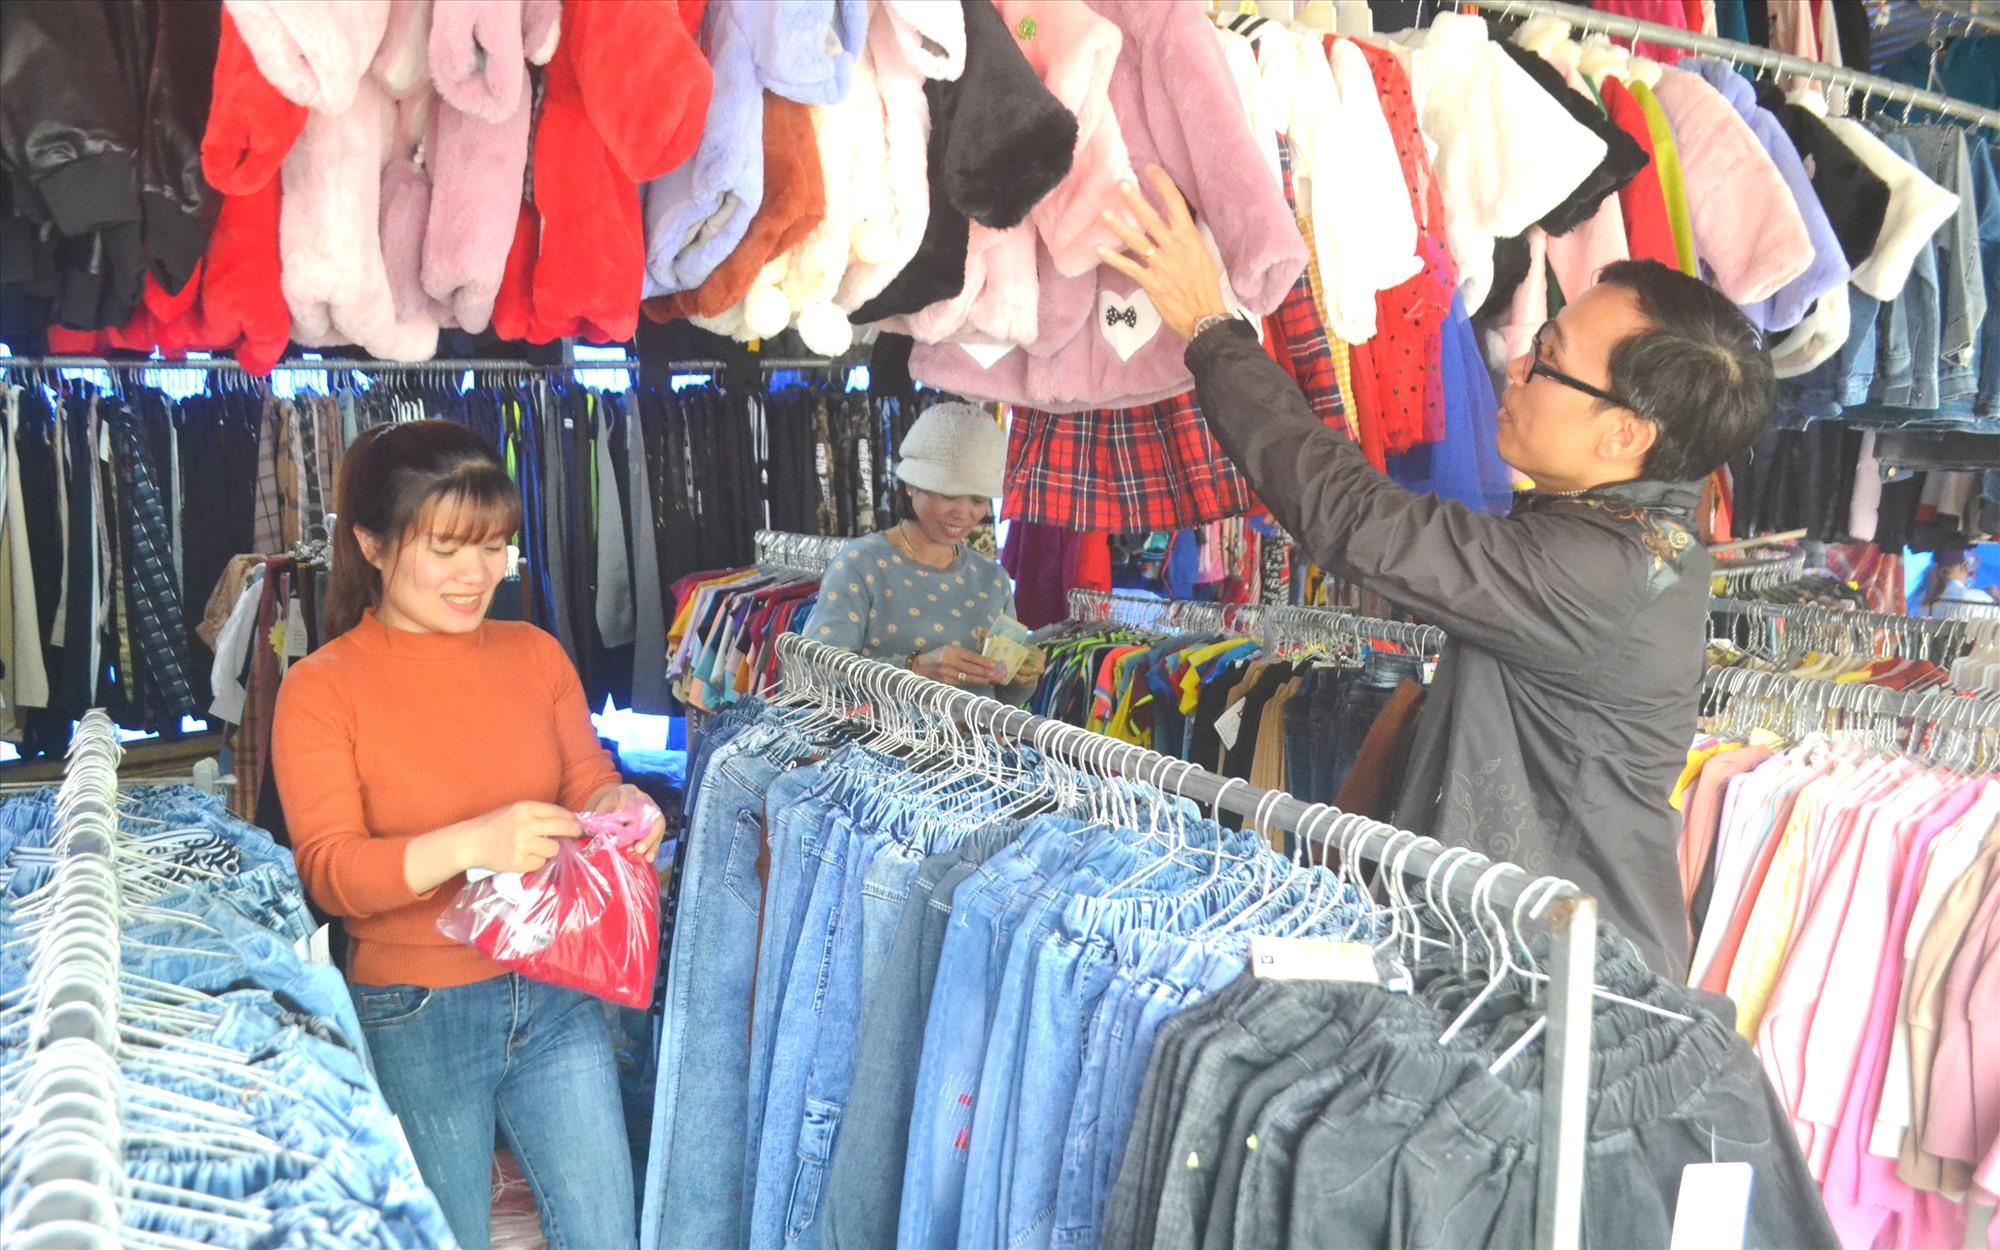 Một cơ sở bán áo quần trước bến xe Đông Giang chuẩn bị nhiều mặt hàng mới. Ảnh: K.K